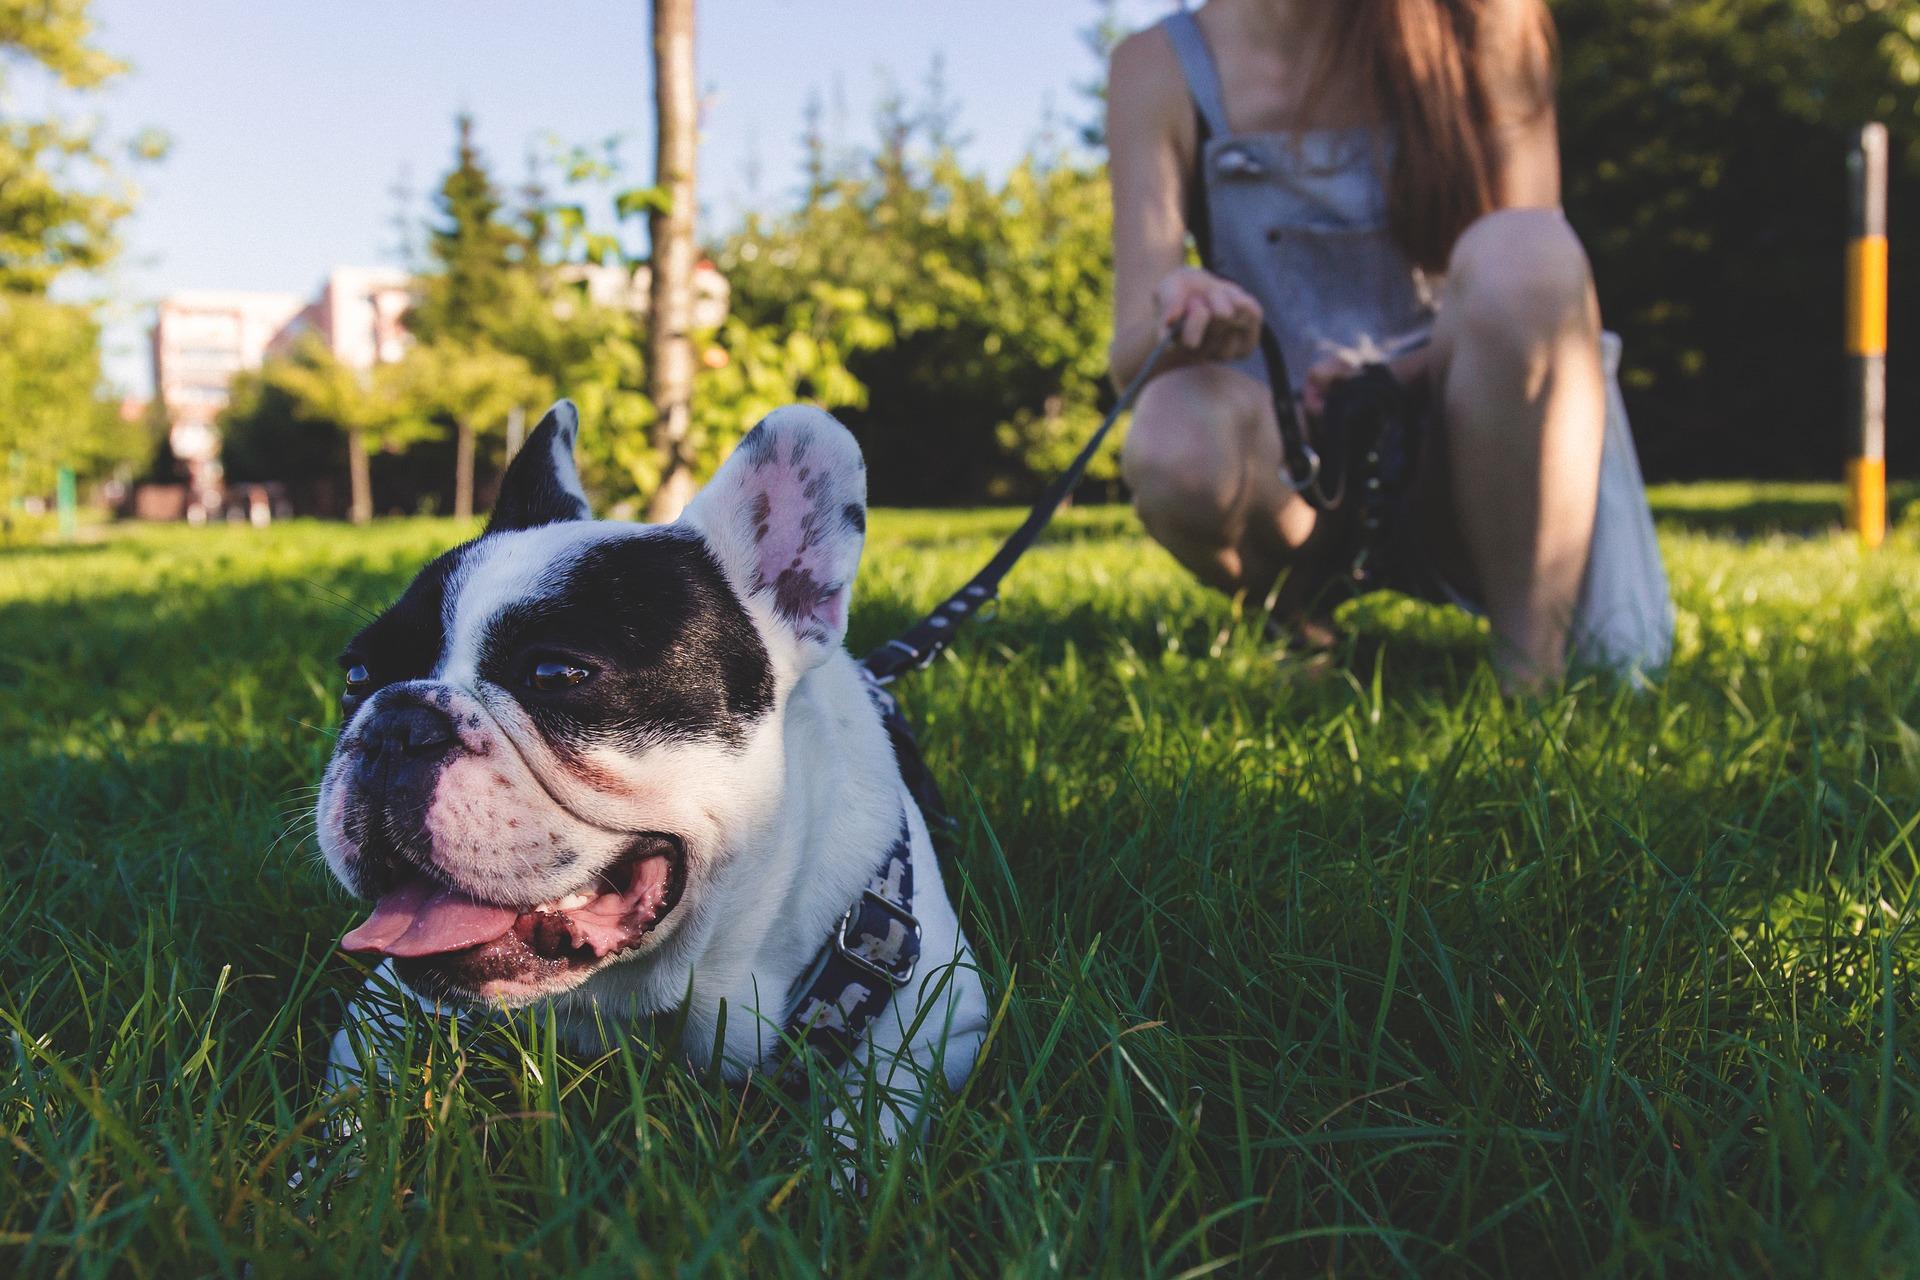 Przy nauce psa chodzenia na smyczy ważne jest pozytywne wzmacnianie, taka forma treningu jest najbardziej efektywna i najszybciej przynosi rezultaty, przy okazji dając frajdę psu i opiekunowi.